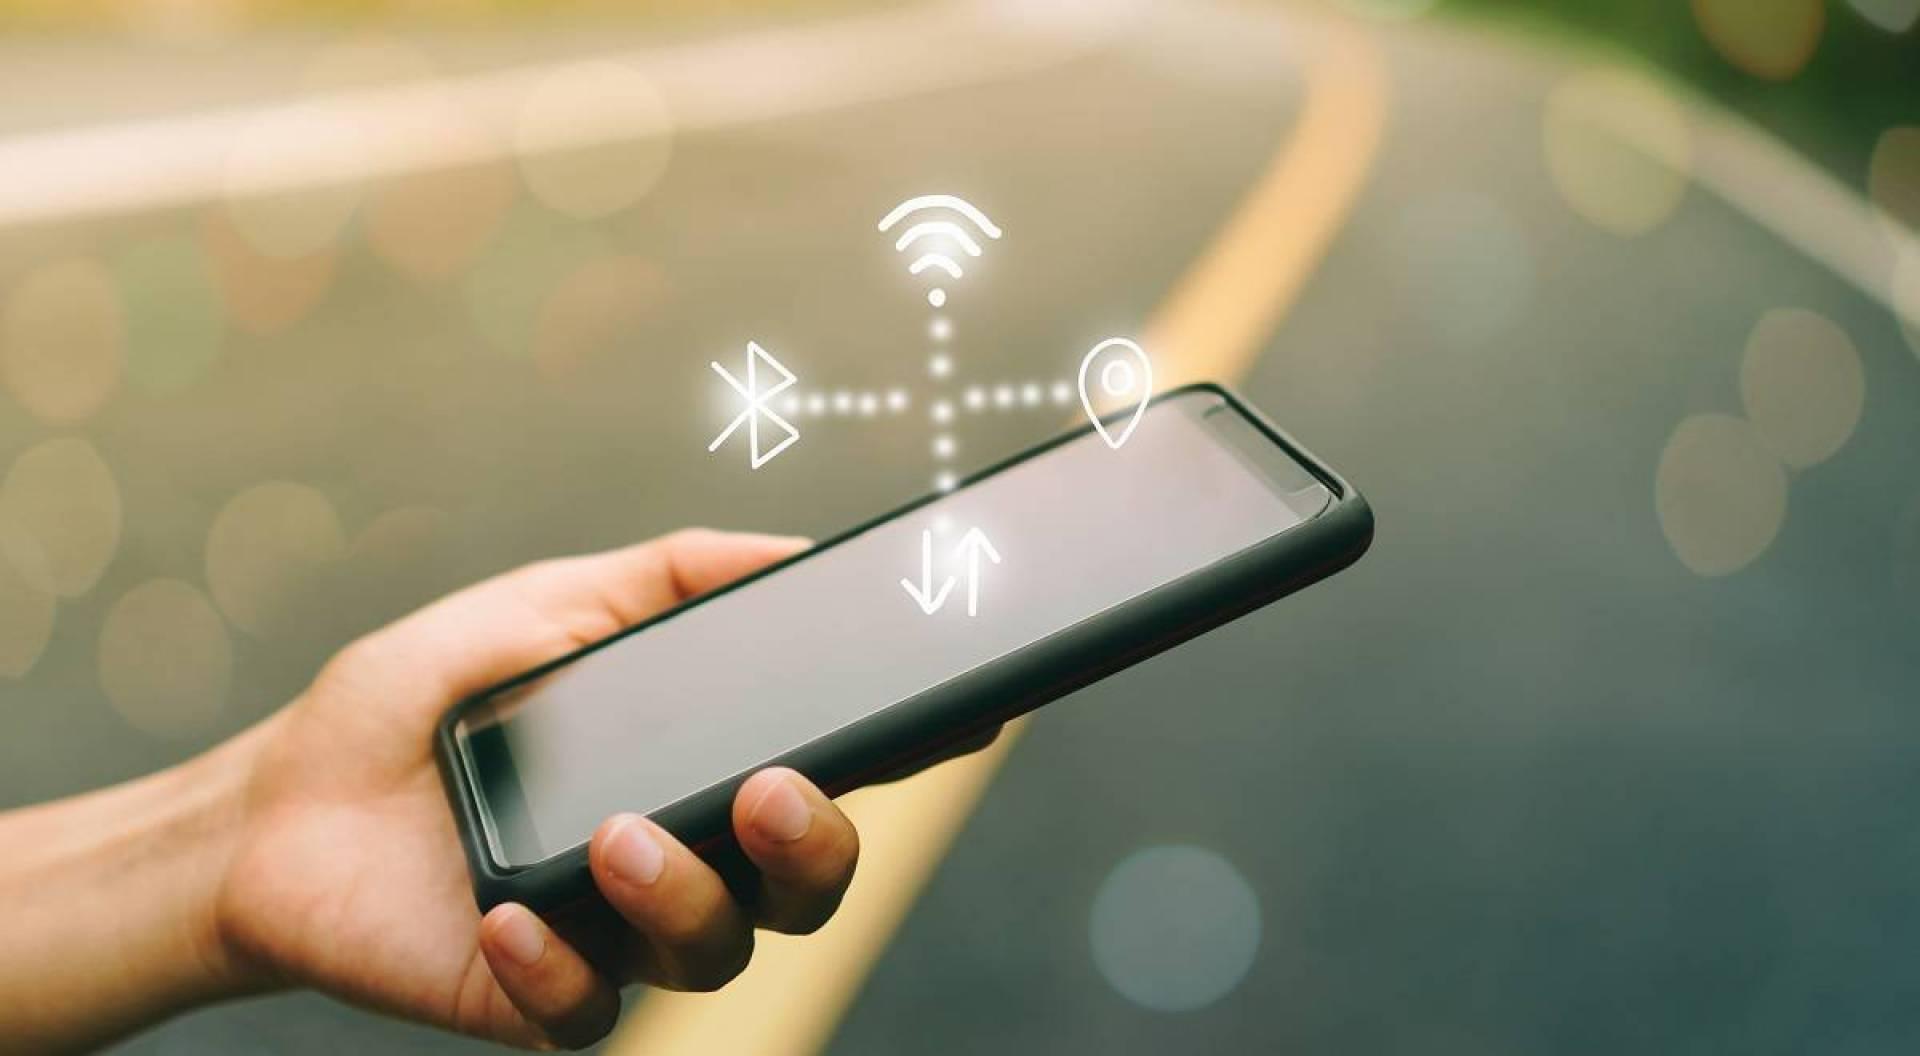 """ثغرة أمنية في """"بلوتوث"""" تعرض ملايين الأجهزة للخطر"""